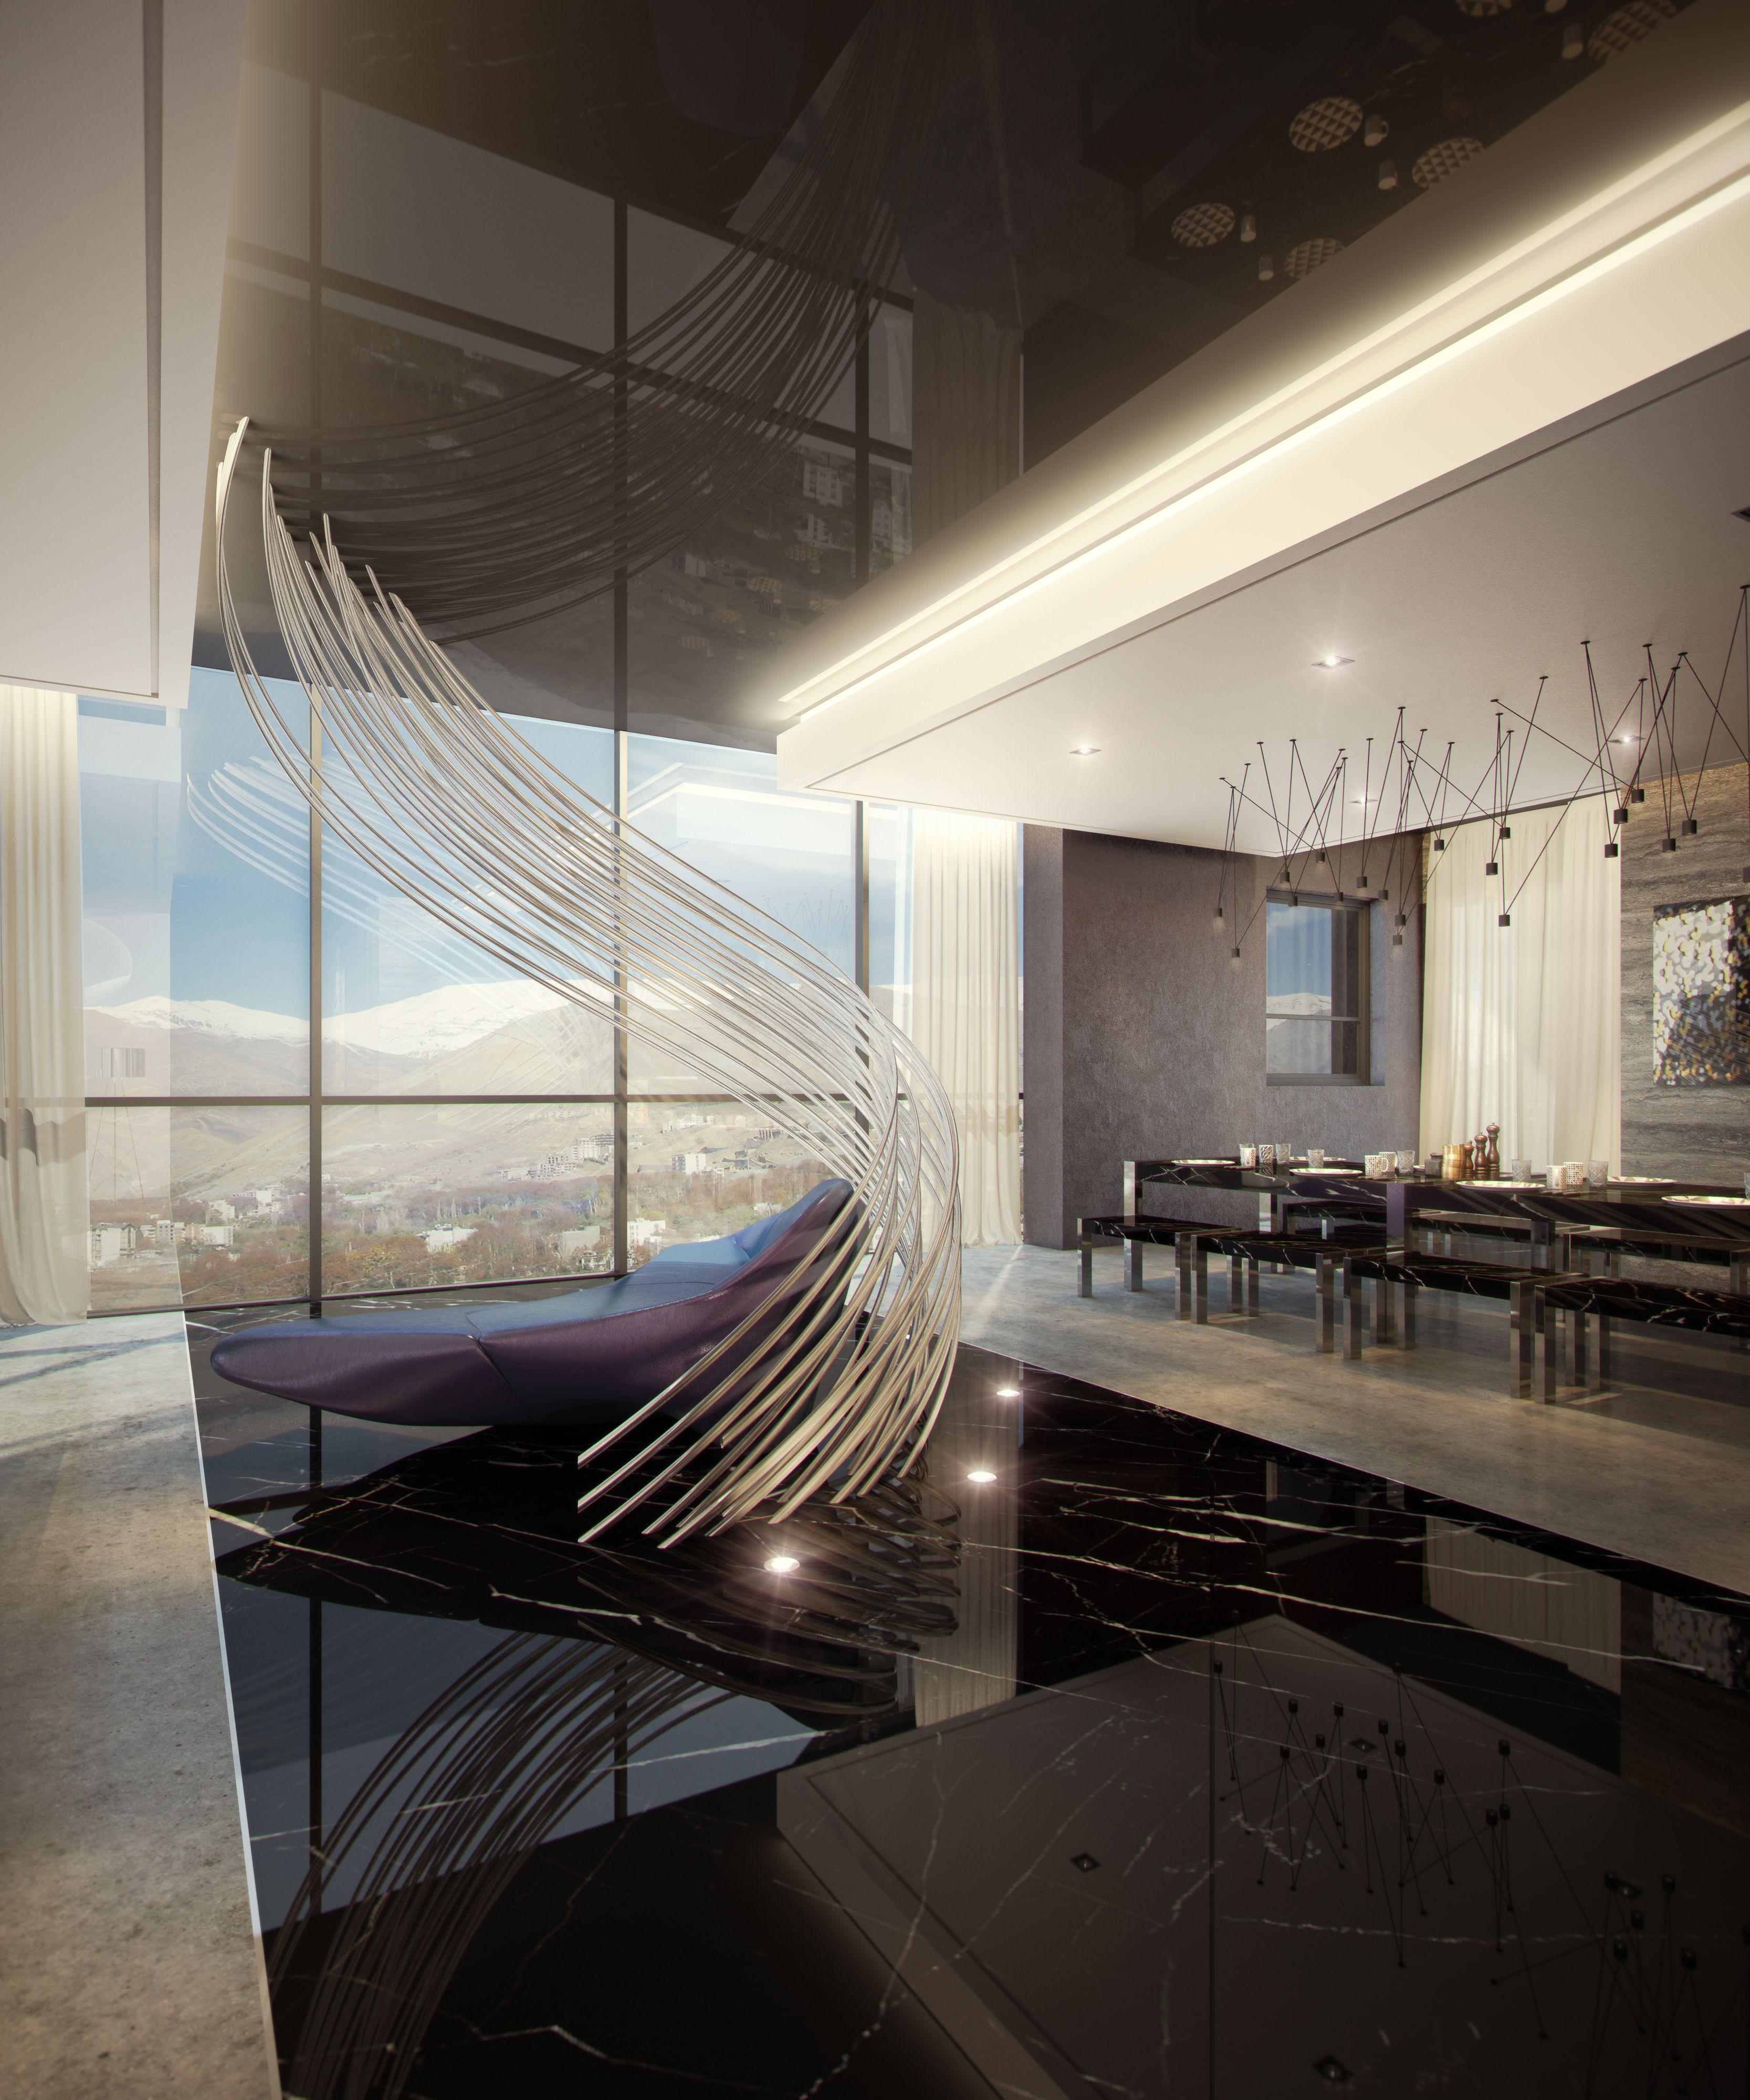 Ultra Luxury Apartment Design: Apartment Design, Apartment